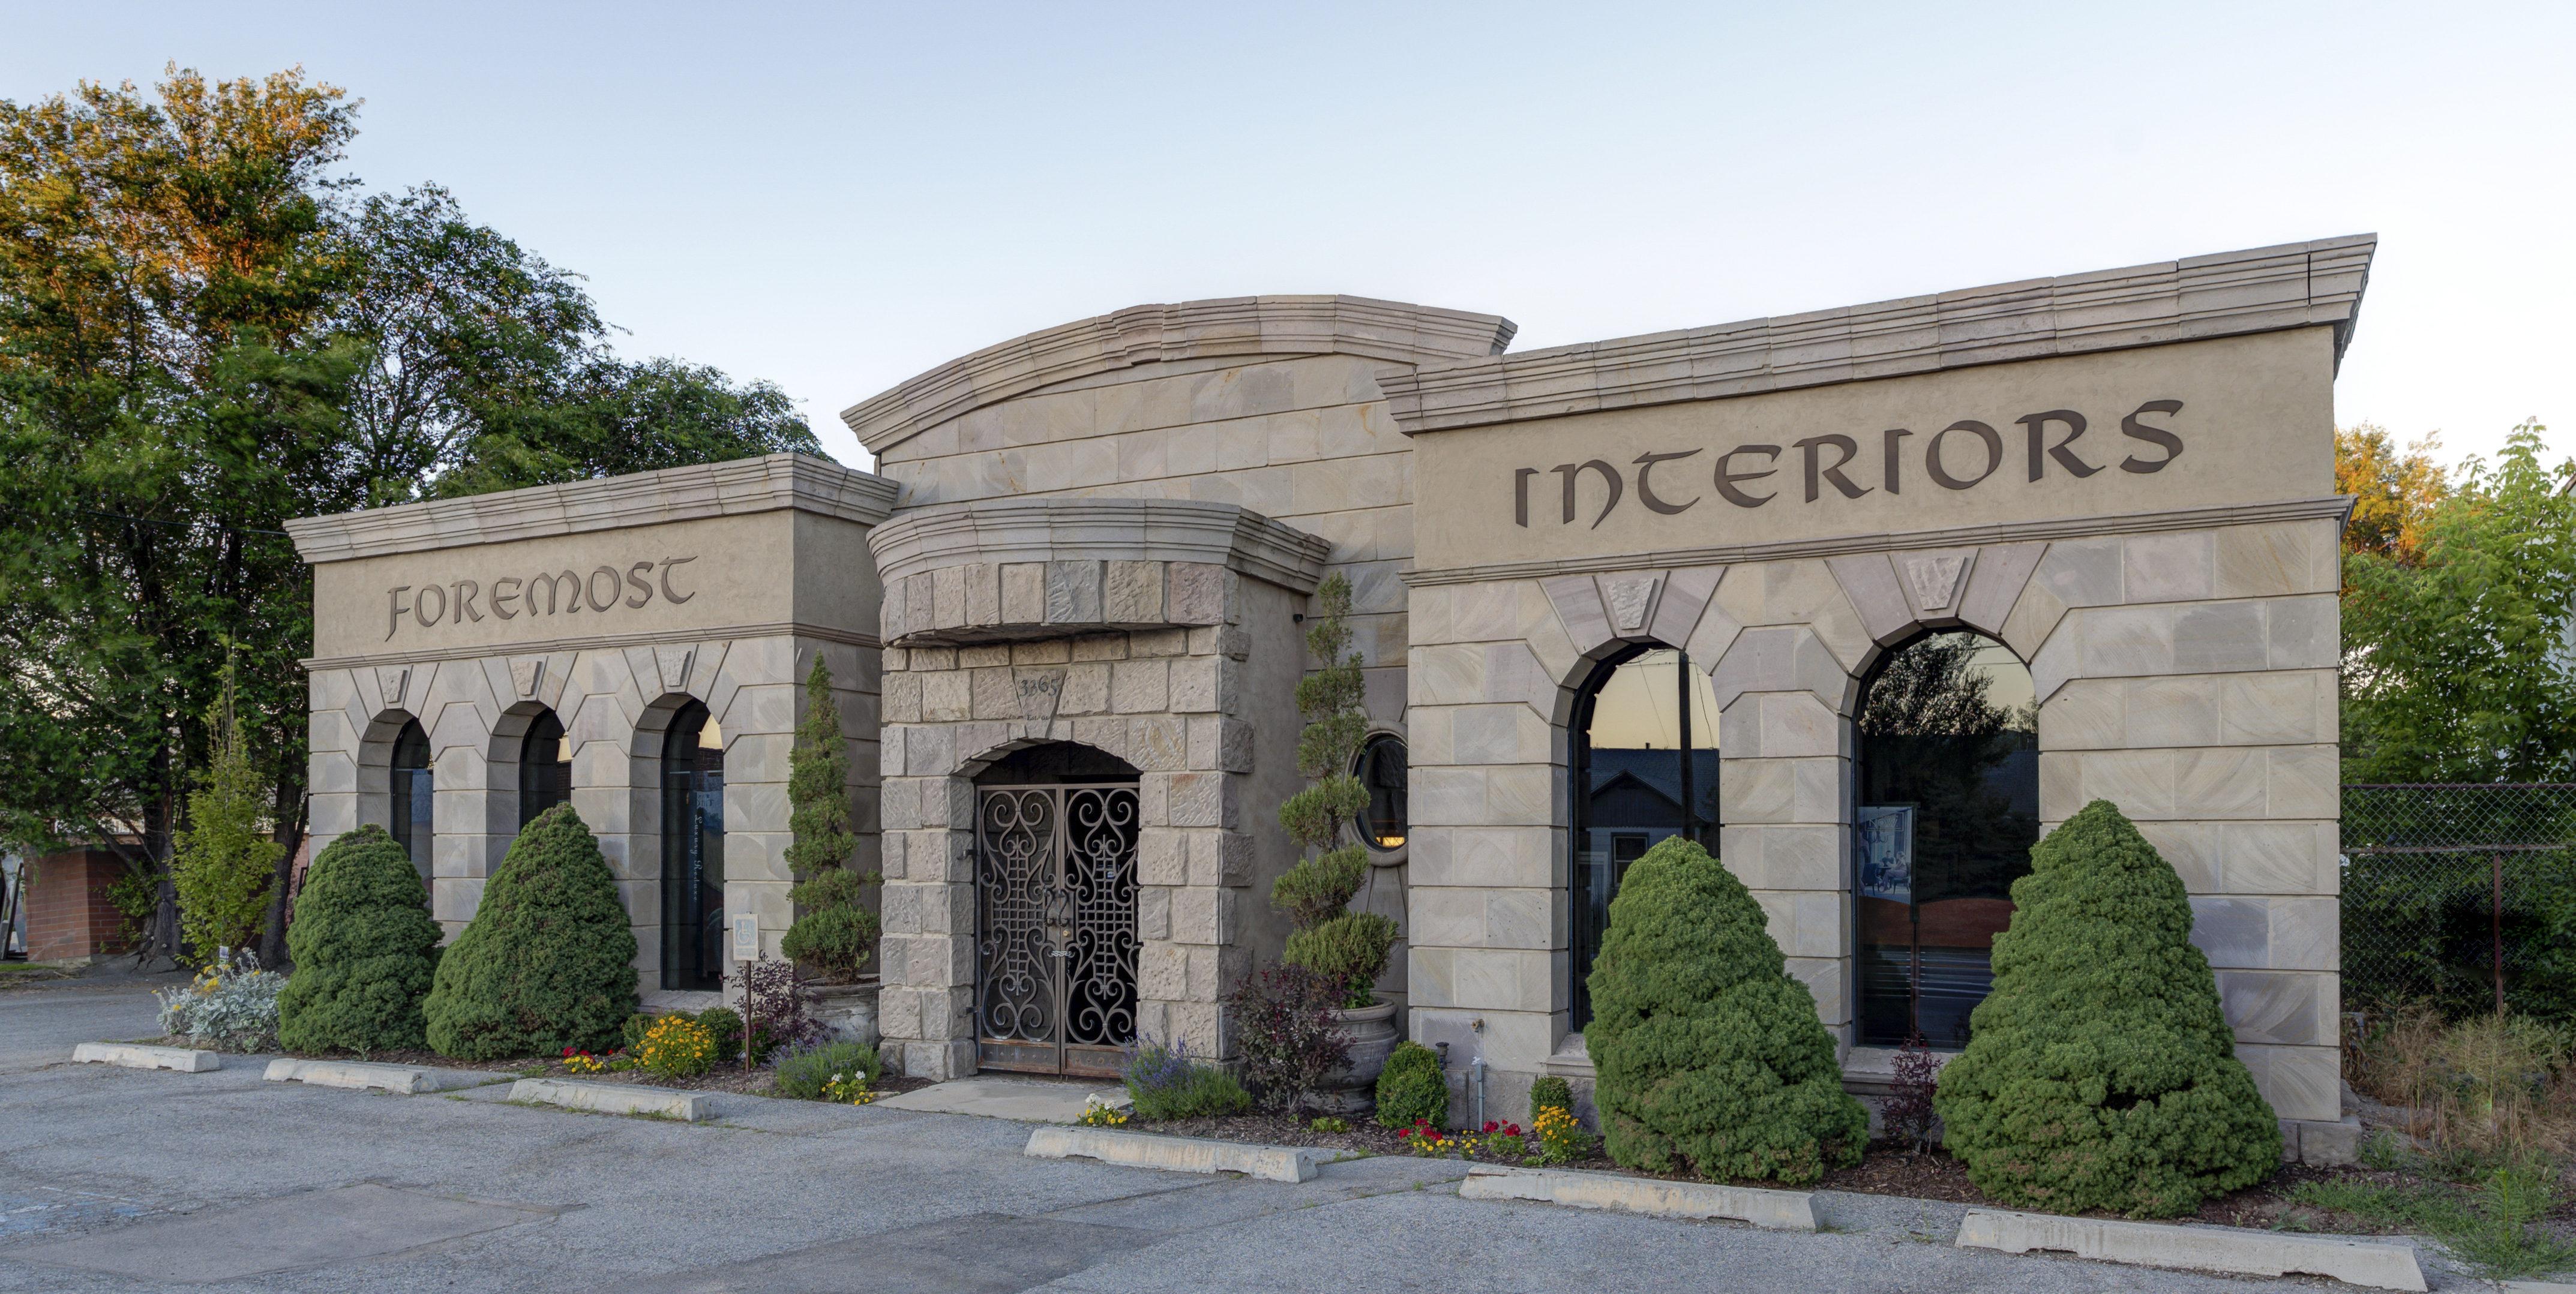 Utah's Top Rated Local® Interior Designers Award Winner: Foremost Interiors